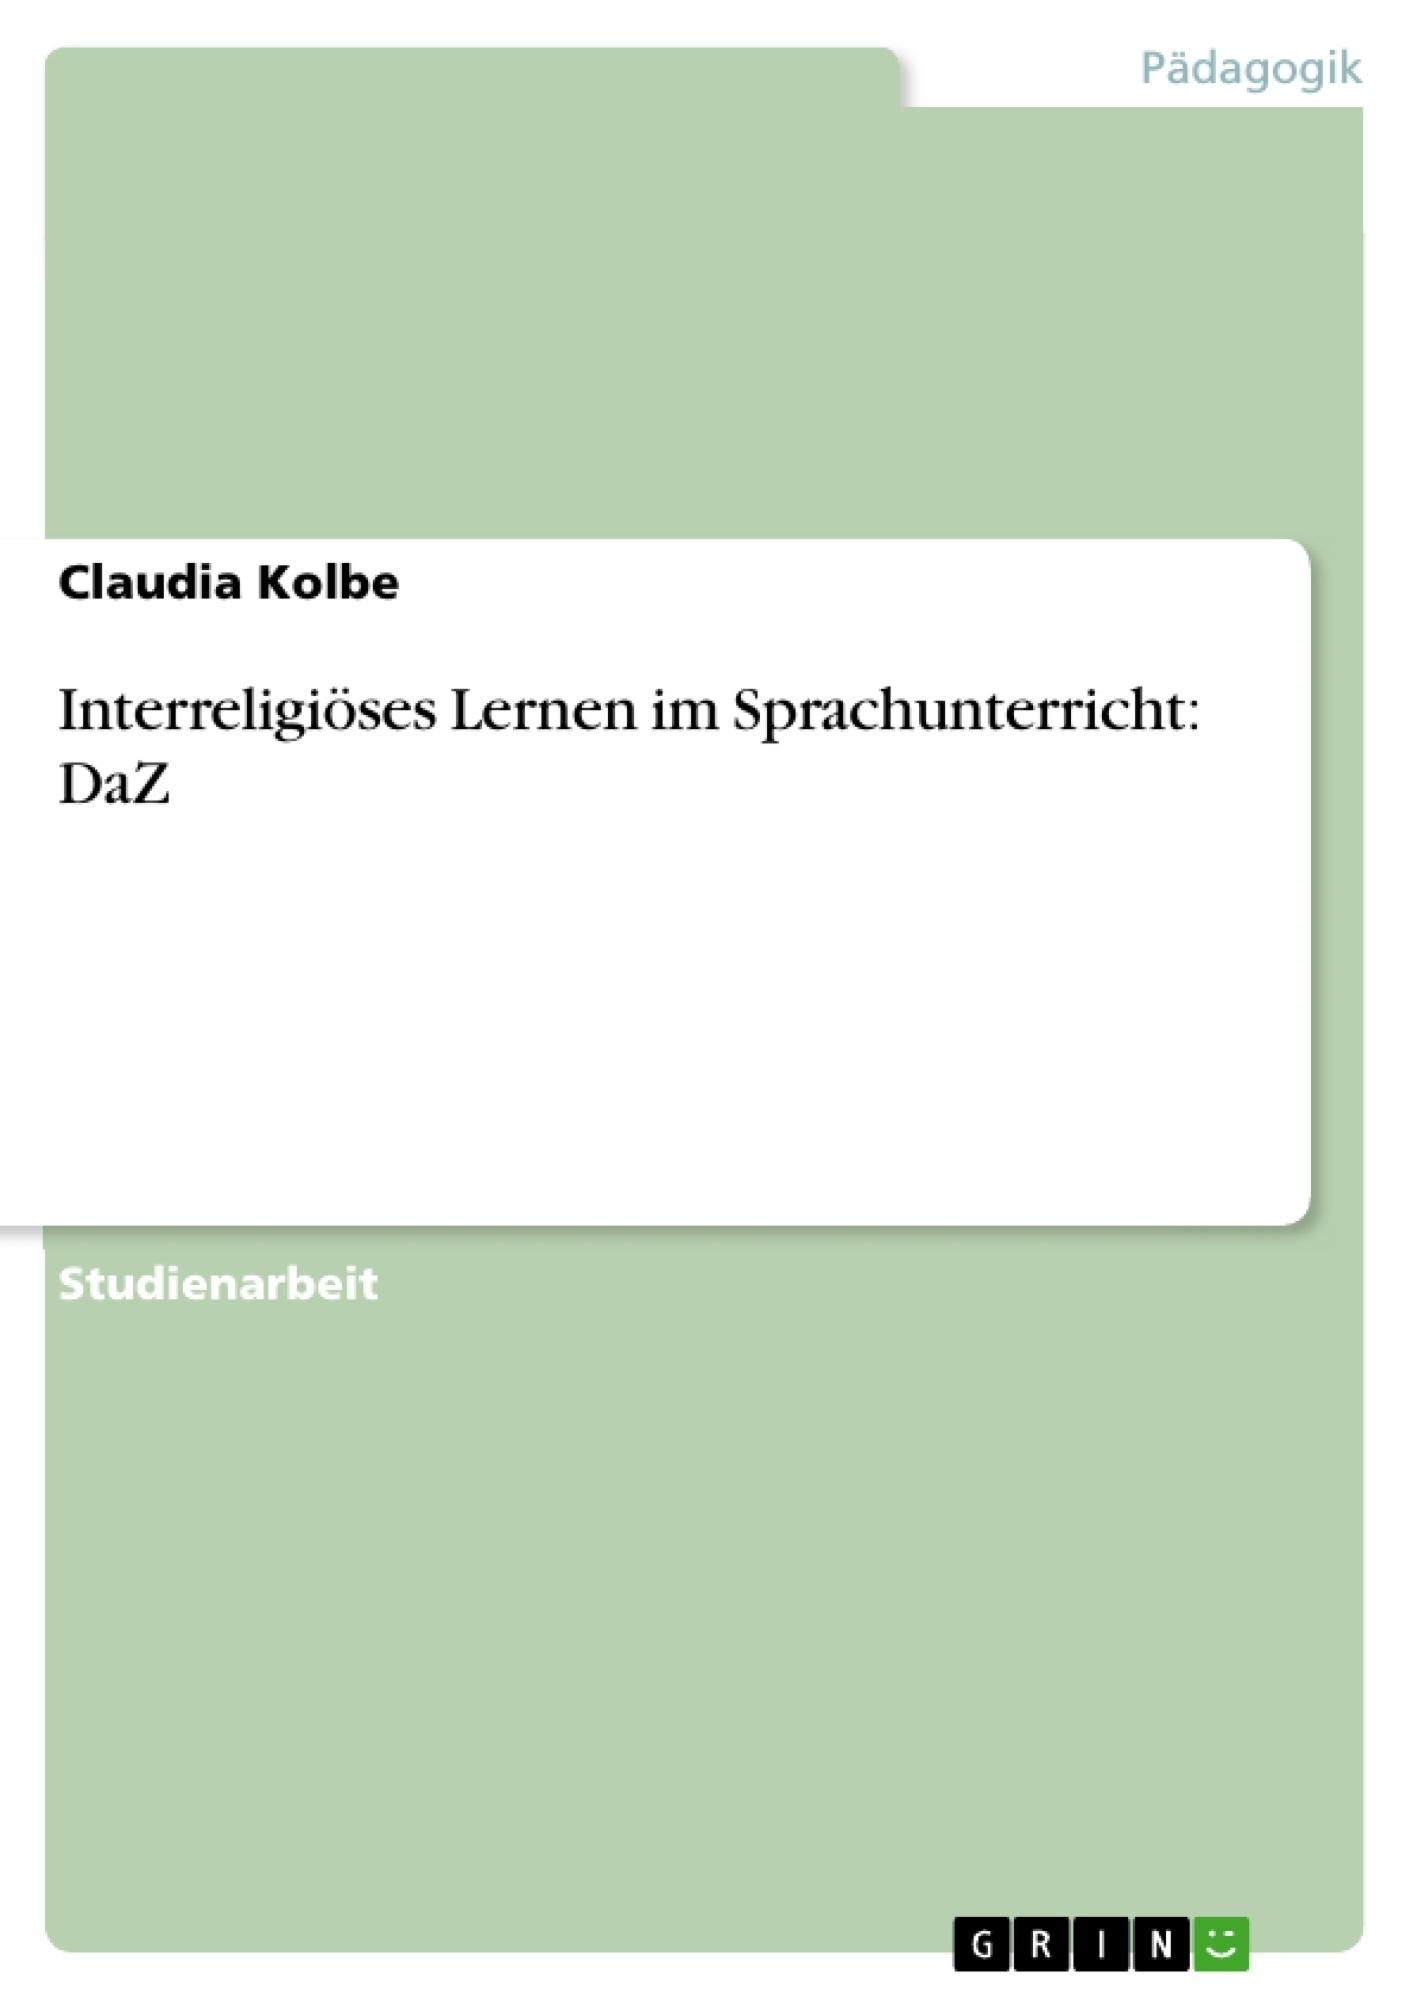 Titel: Interreligiöses Lernen im Sprachunterricht: DaZ